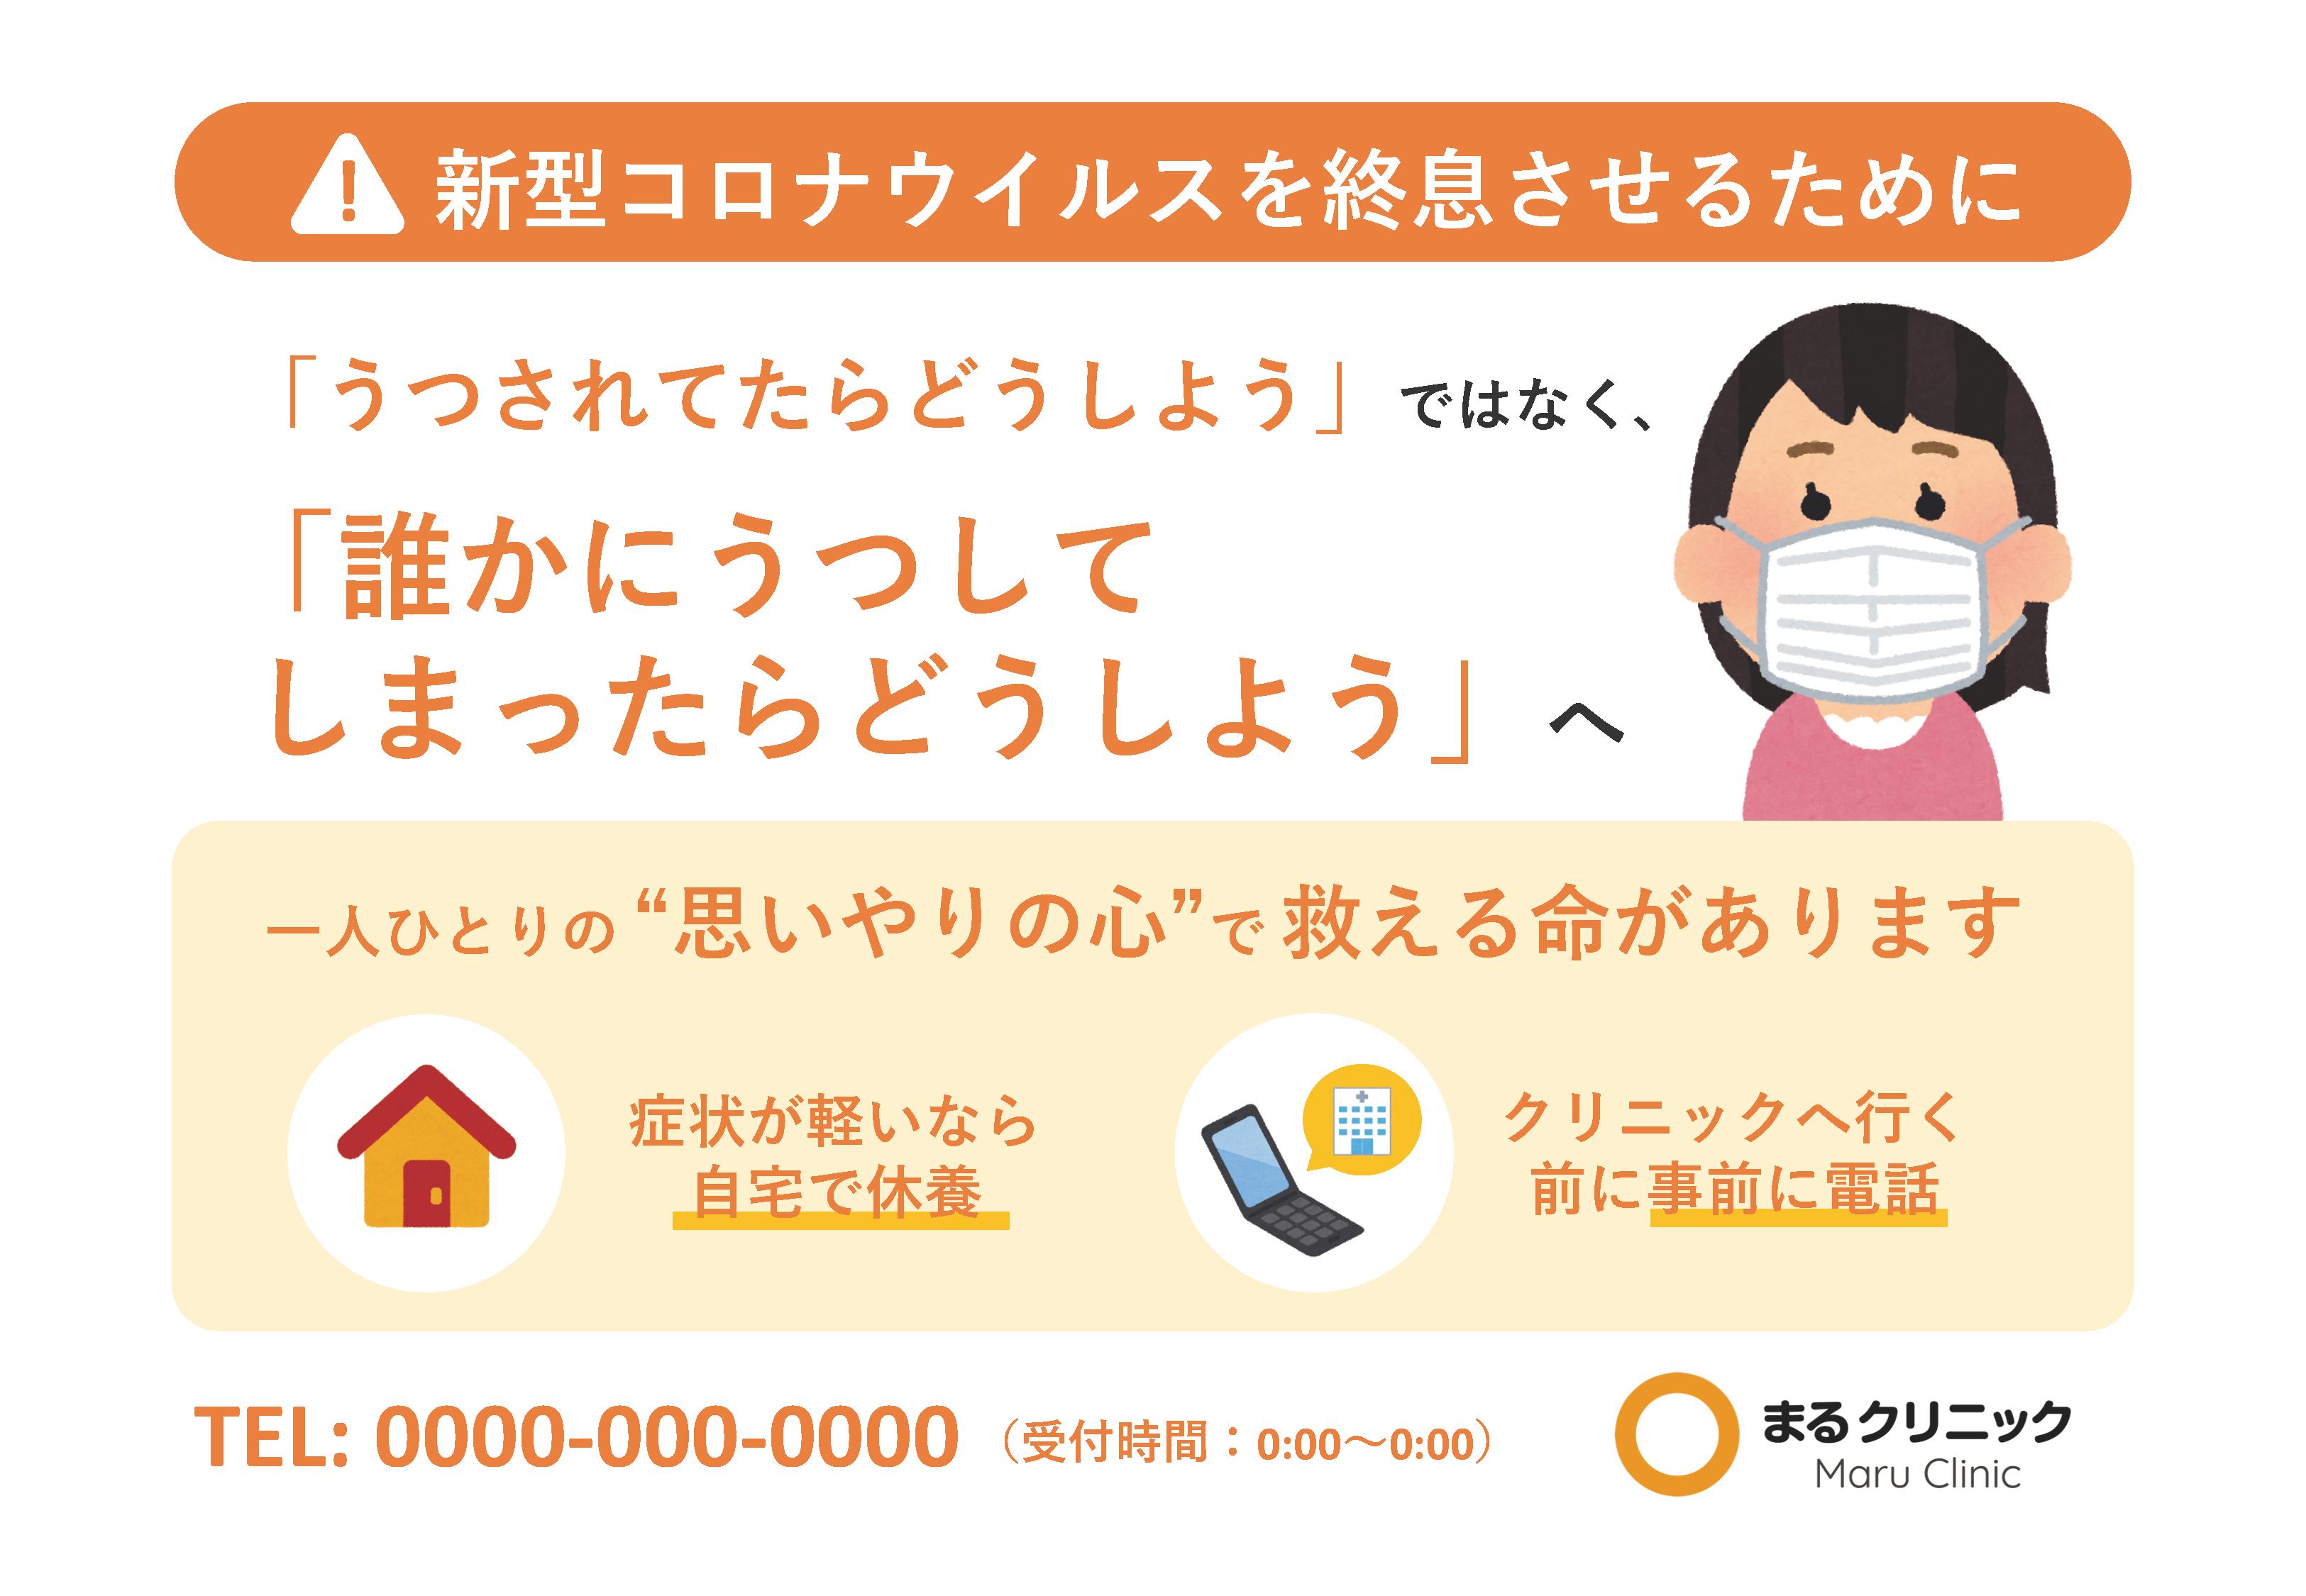 終息させるために 【新型コロナウイルス対策ツール】